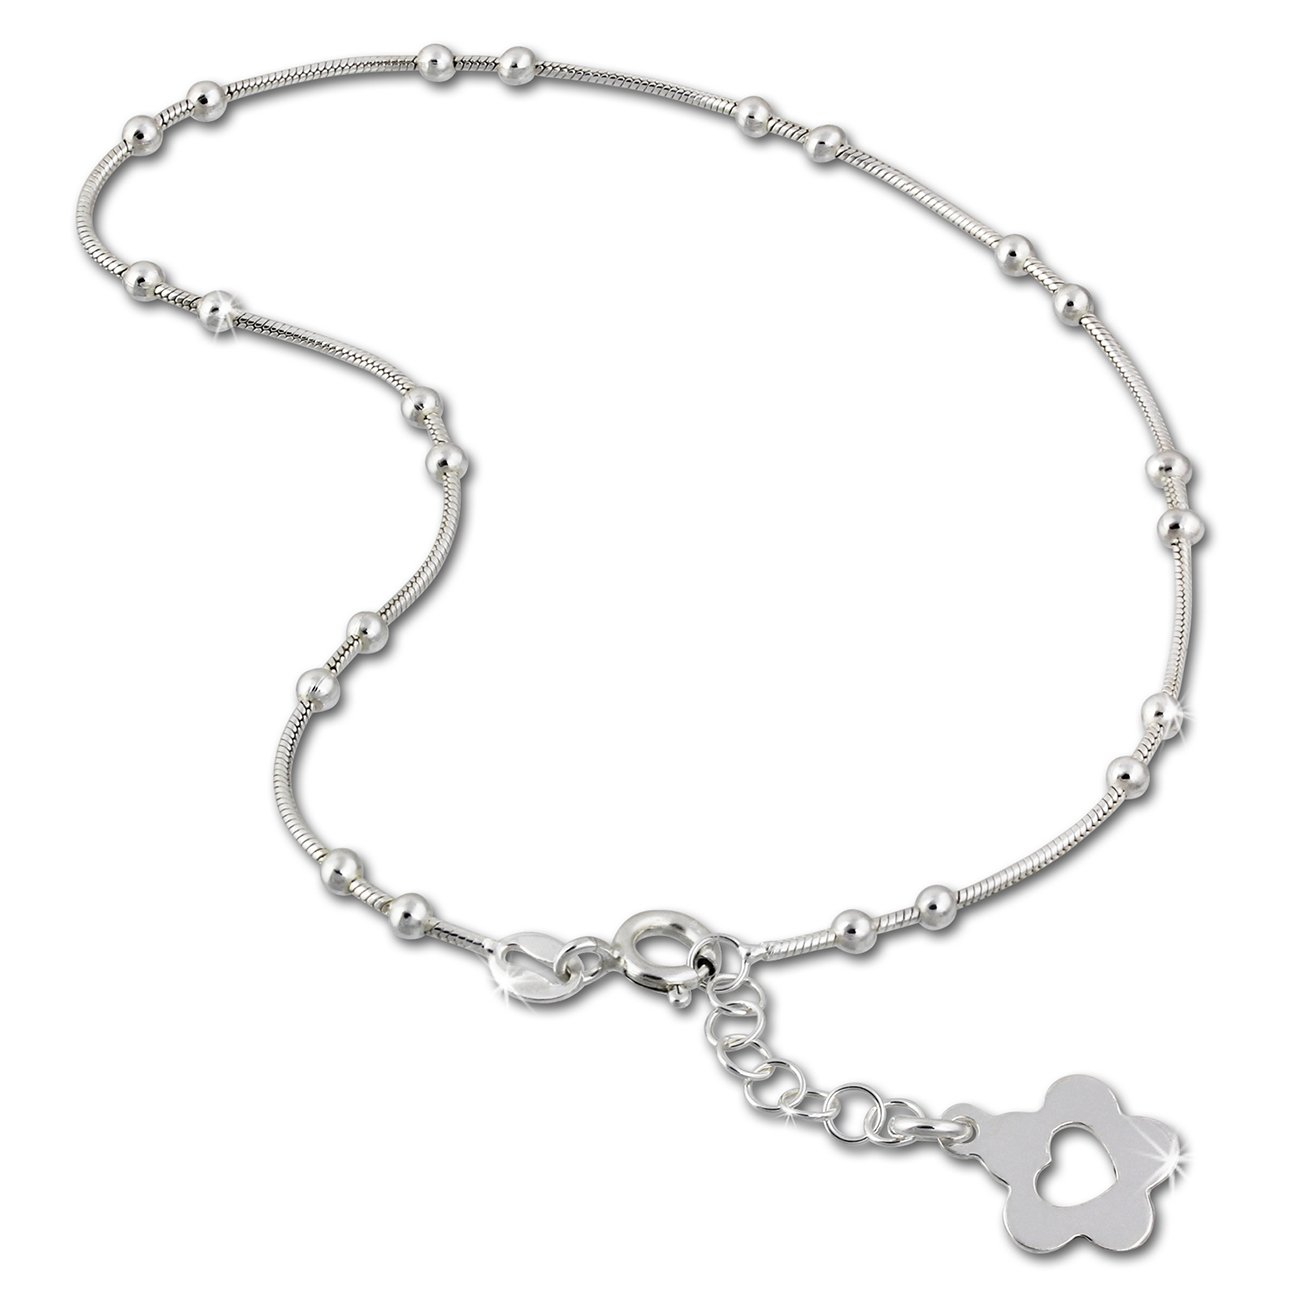 SilberDream bijoux collection - chaîne de pied fleur ouvert - longeur env. 25, 5cm - Bracelet de cheville SDF2105 SDF2115